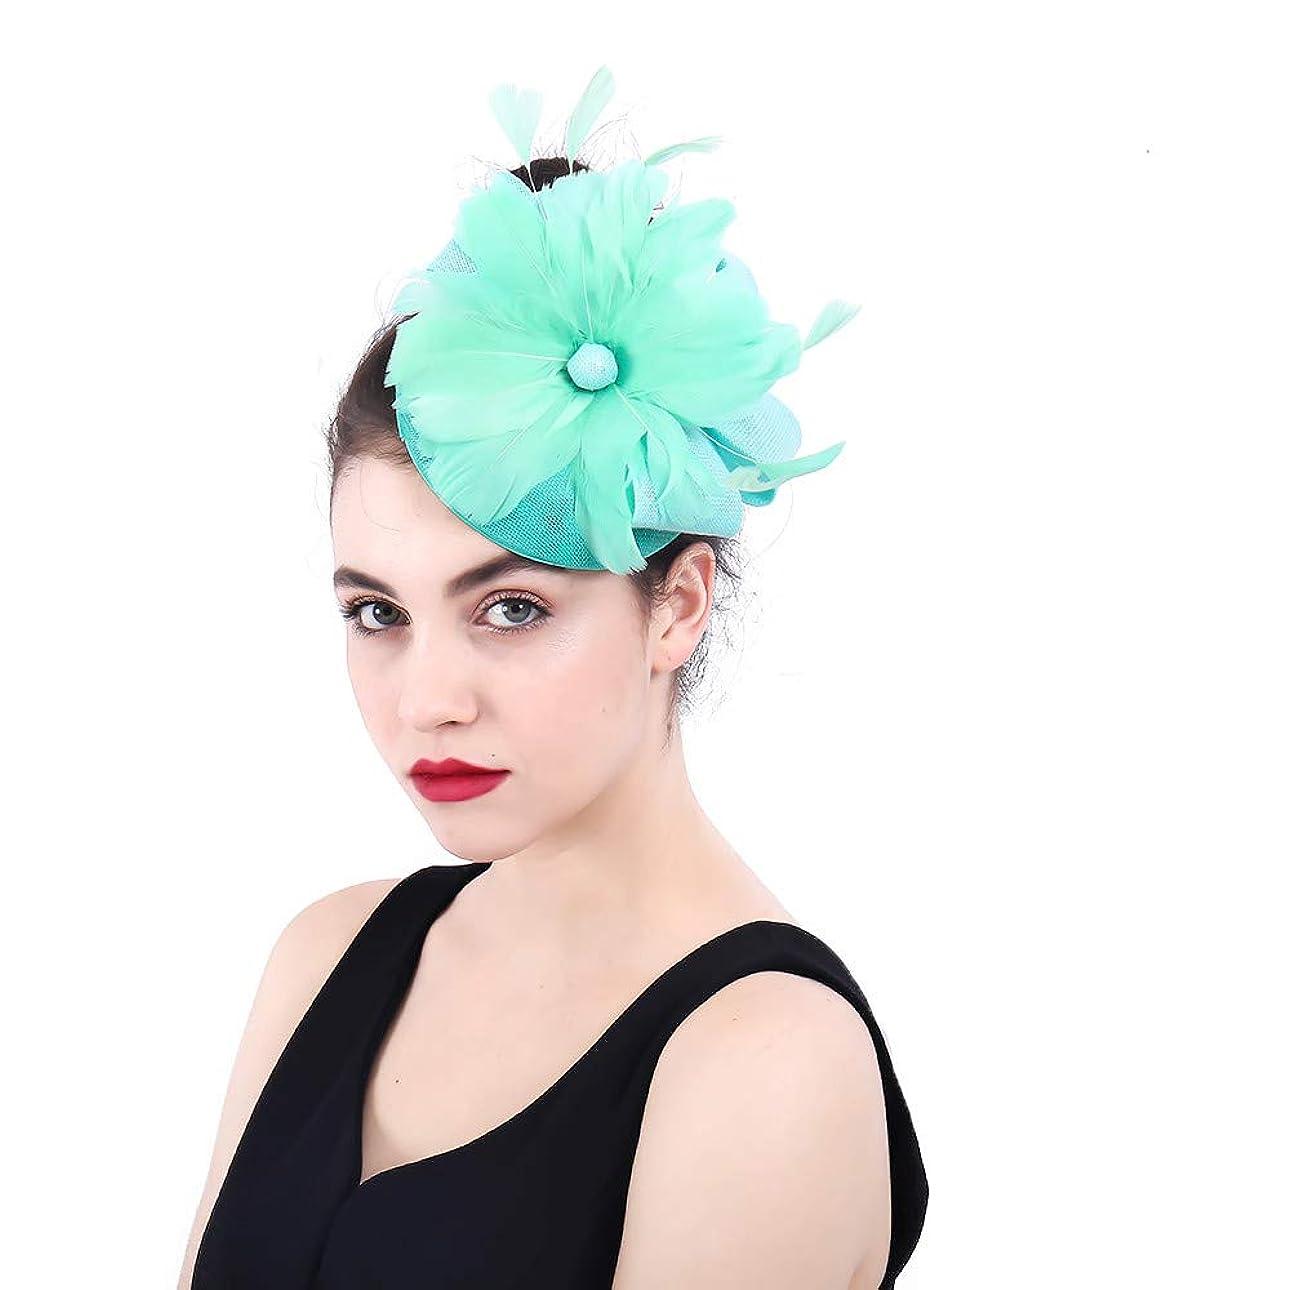 再生可能意気込み対角線女性の魅力的な帽子 女性のエレガントな魅惑的な帽子の羽の花の結婚式のヘアピンヘッドドレスロイヤルアスコットカクテルティーパーティー (色 : 青)